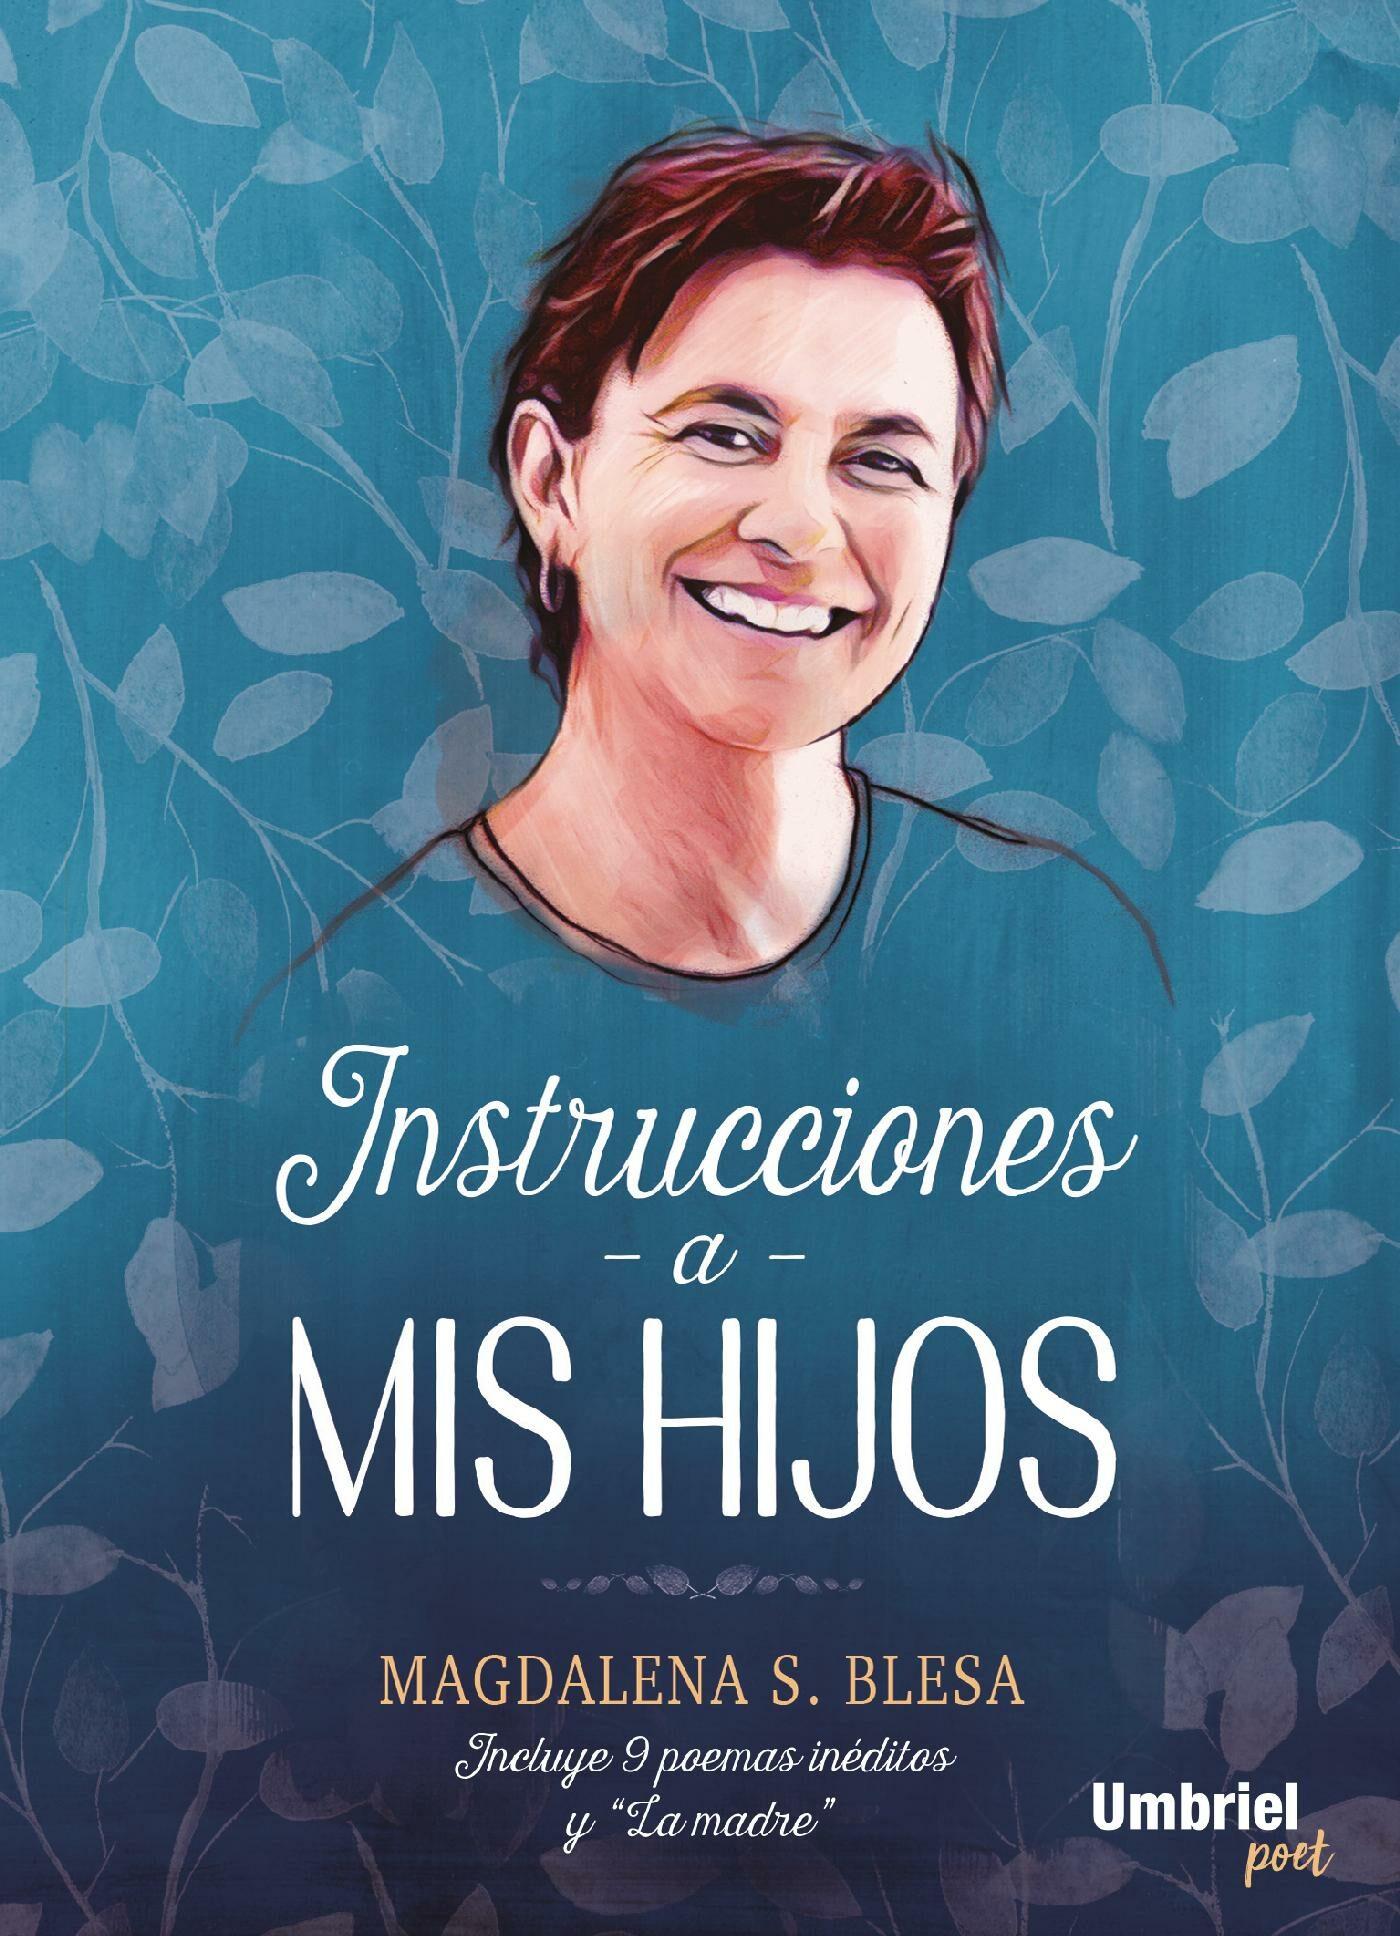 Instrucciones A Mis Hijos   por Magdalena S. Blesa